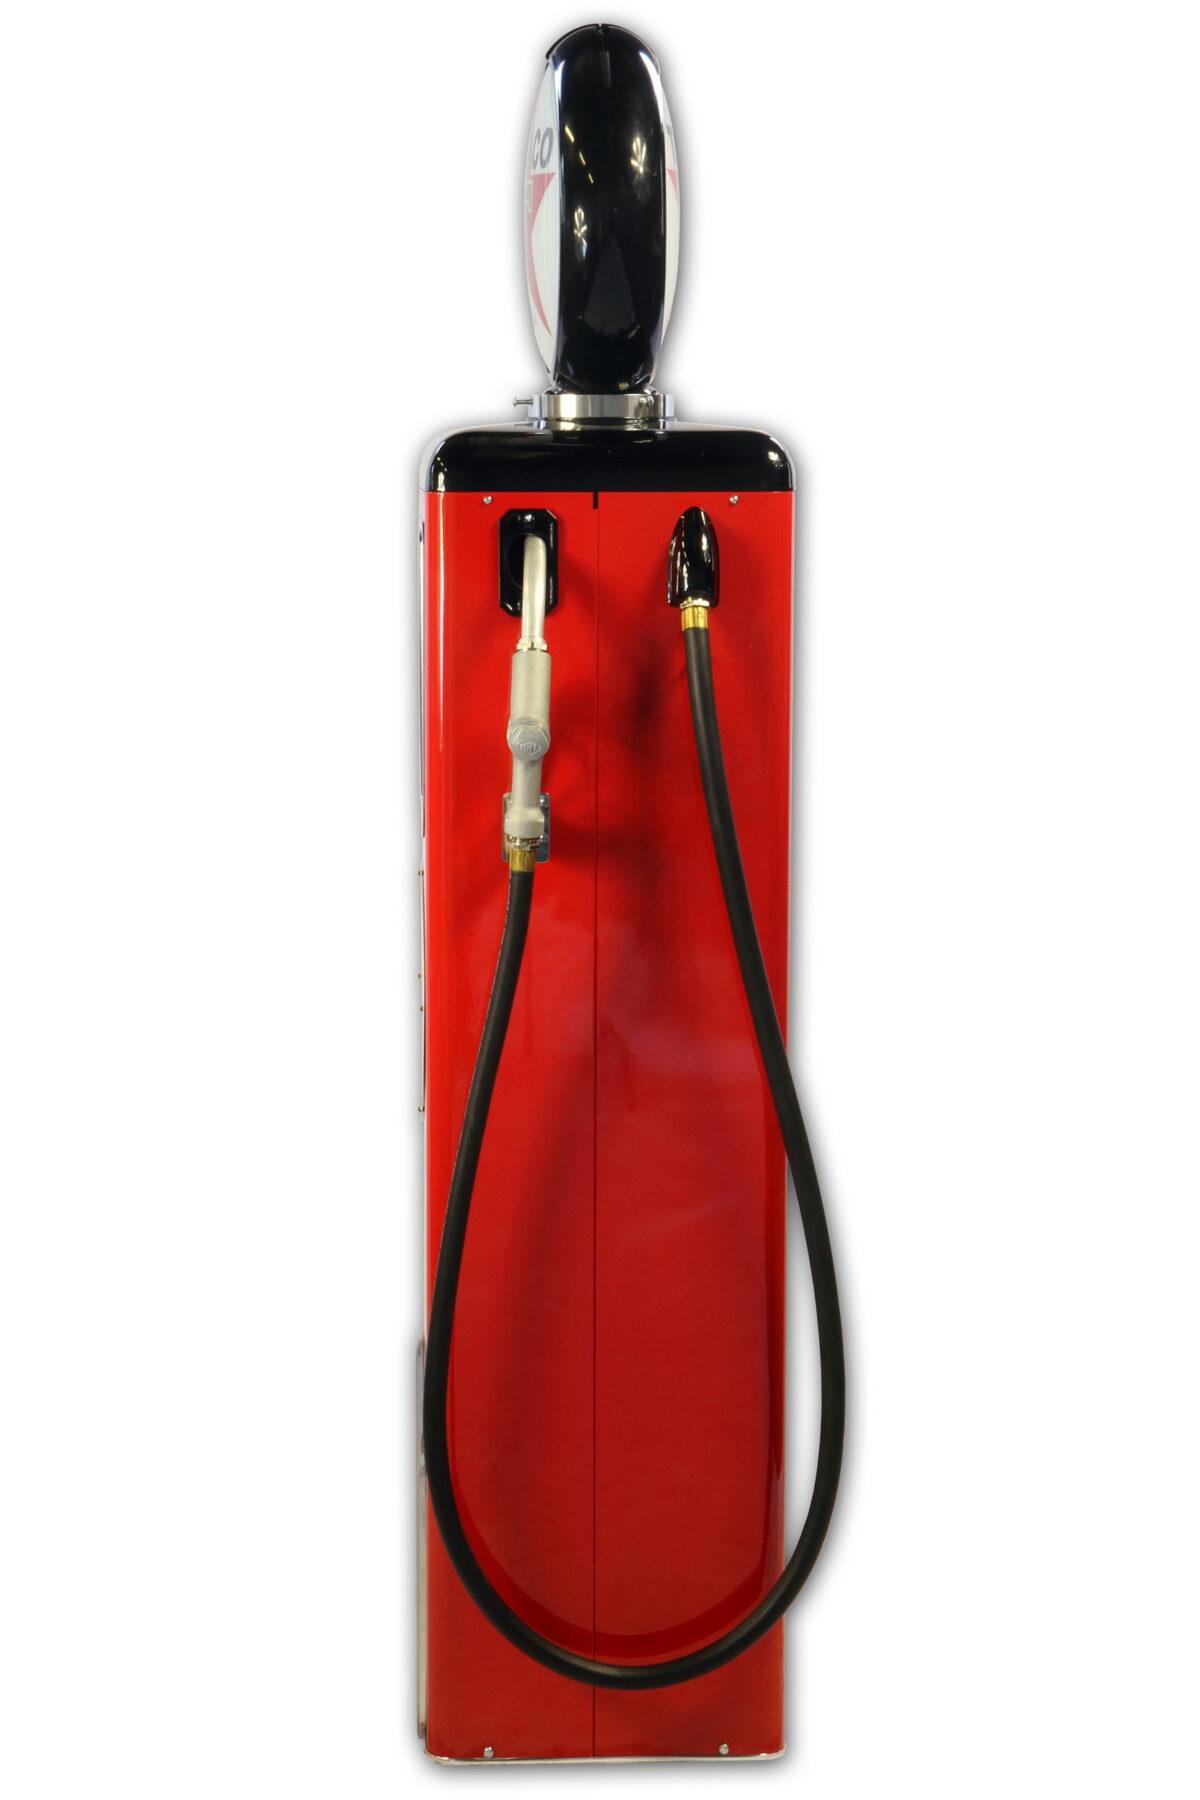 Pompe à essence américaine Texaco avec globe lumineux